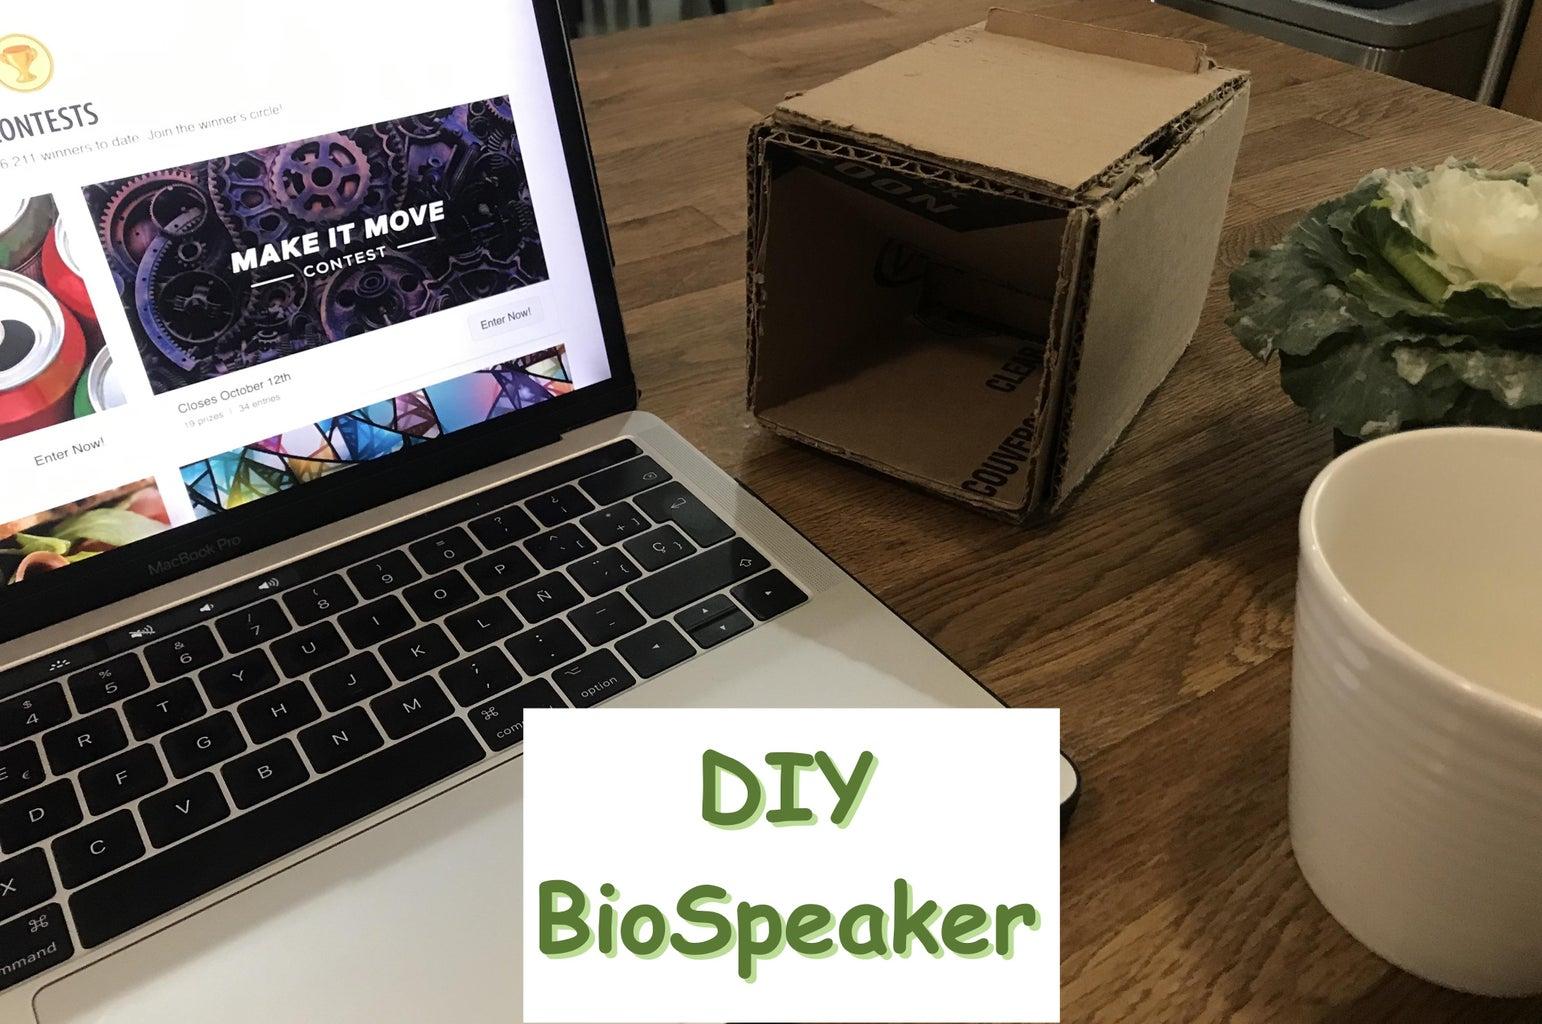 DIY BioSpeaker